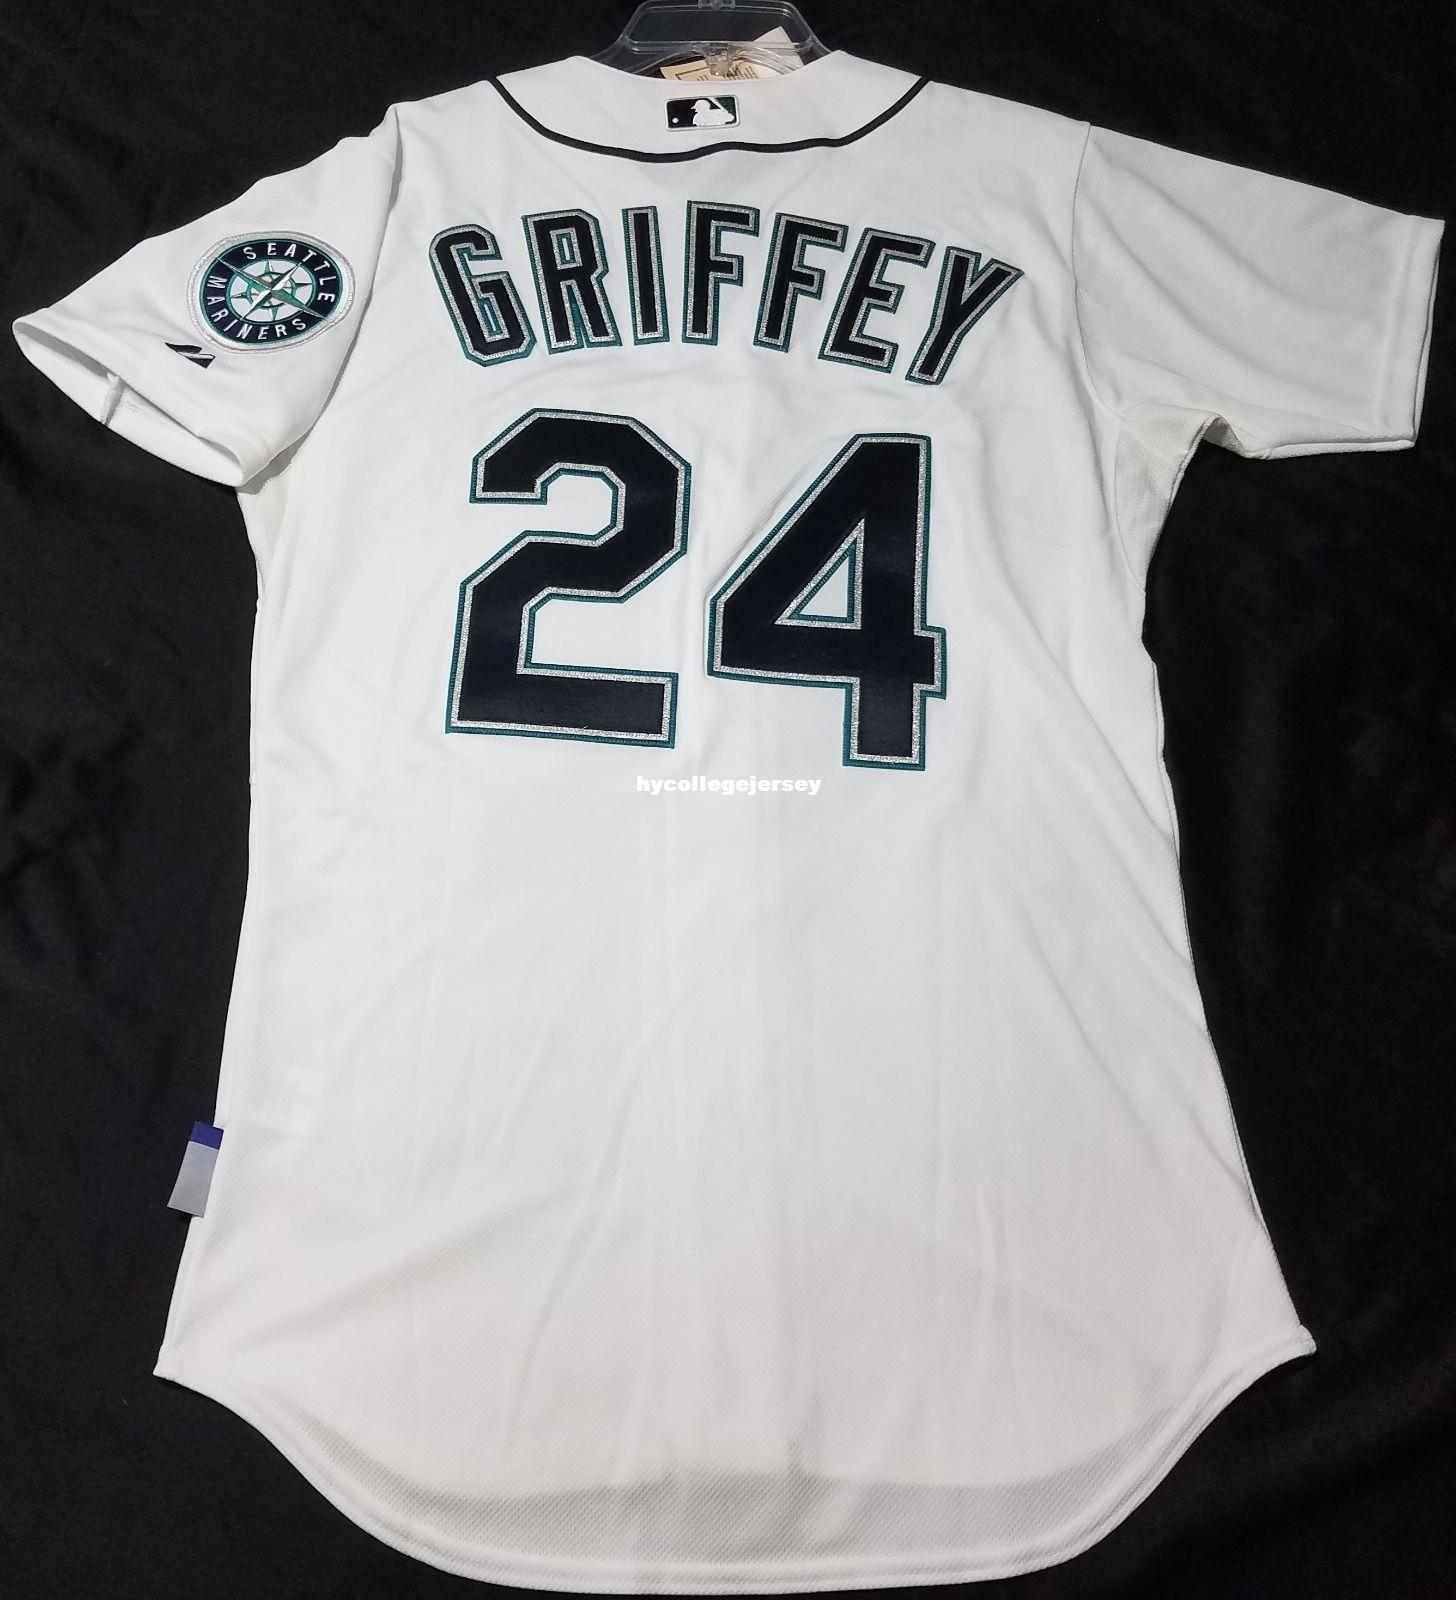 e5823e5a9 2019 Cheap MAJESTIC SEATTLE 24  Ken Griffey Jr COOL BASE Jersey Mens  Stitched SHARP! Wholesale Big And Tall SIZE XS 6XL Baseball Jerseys From ...